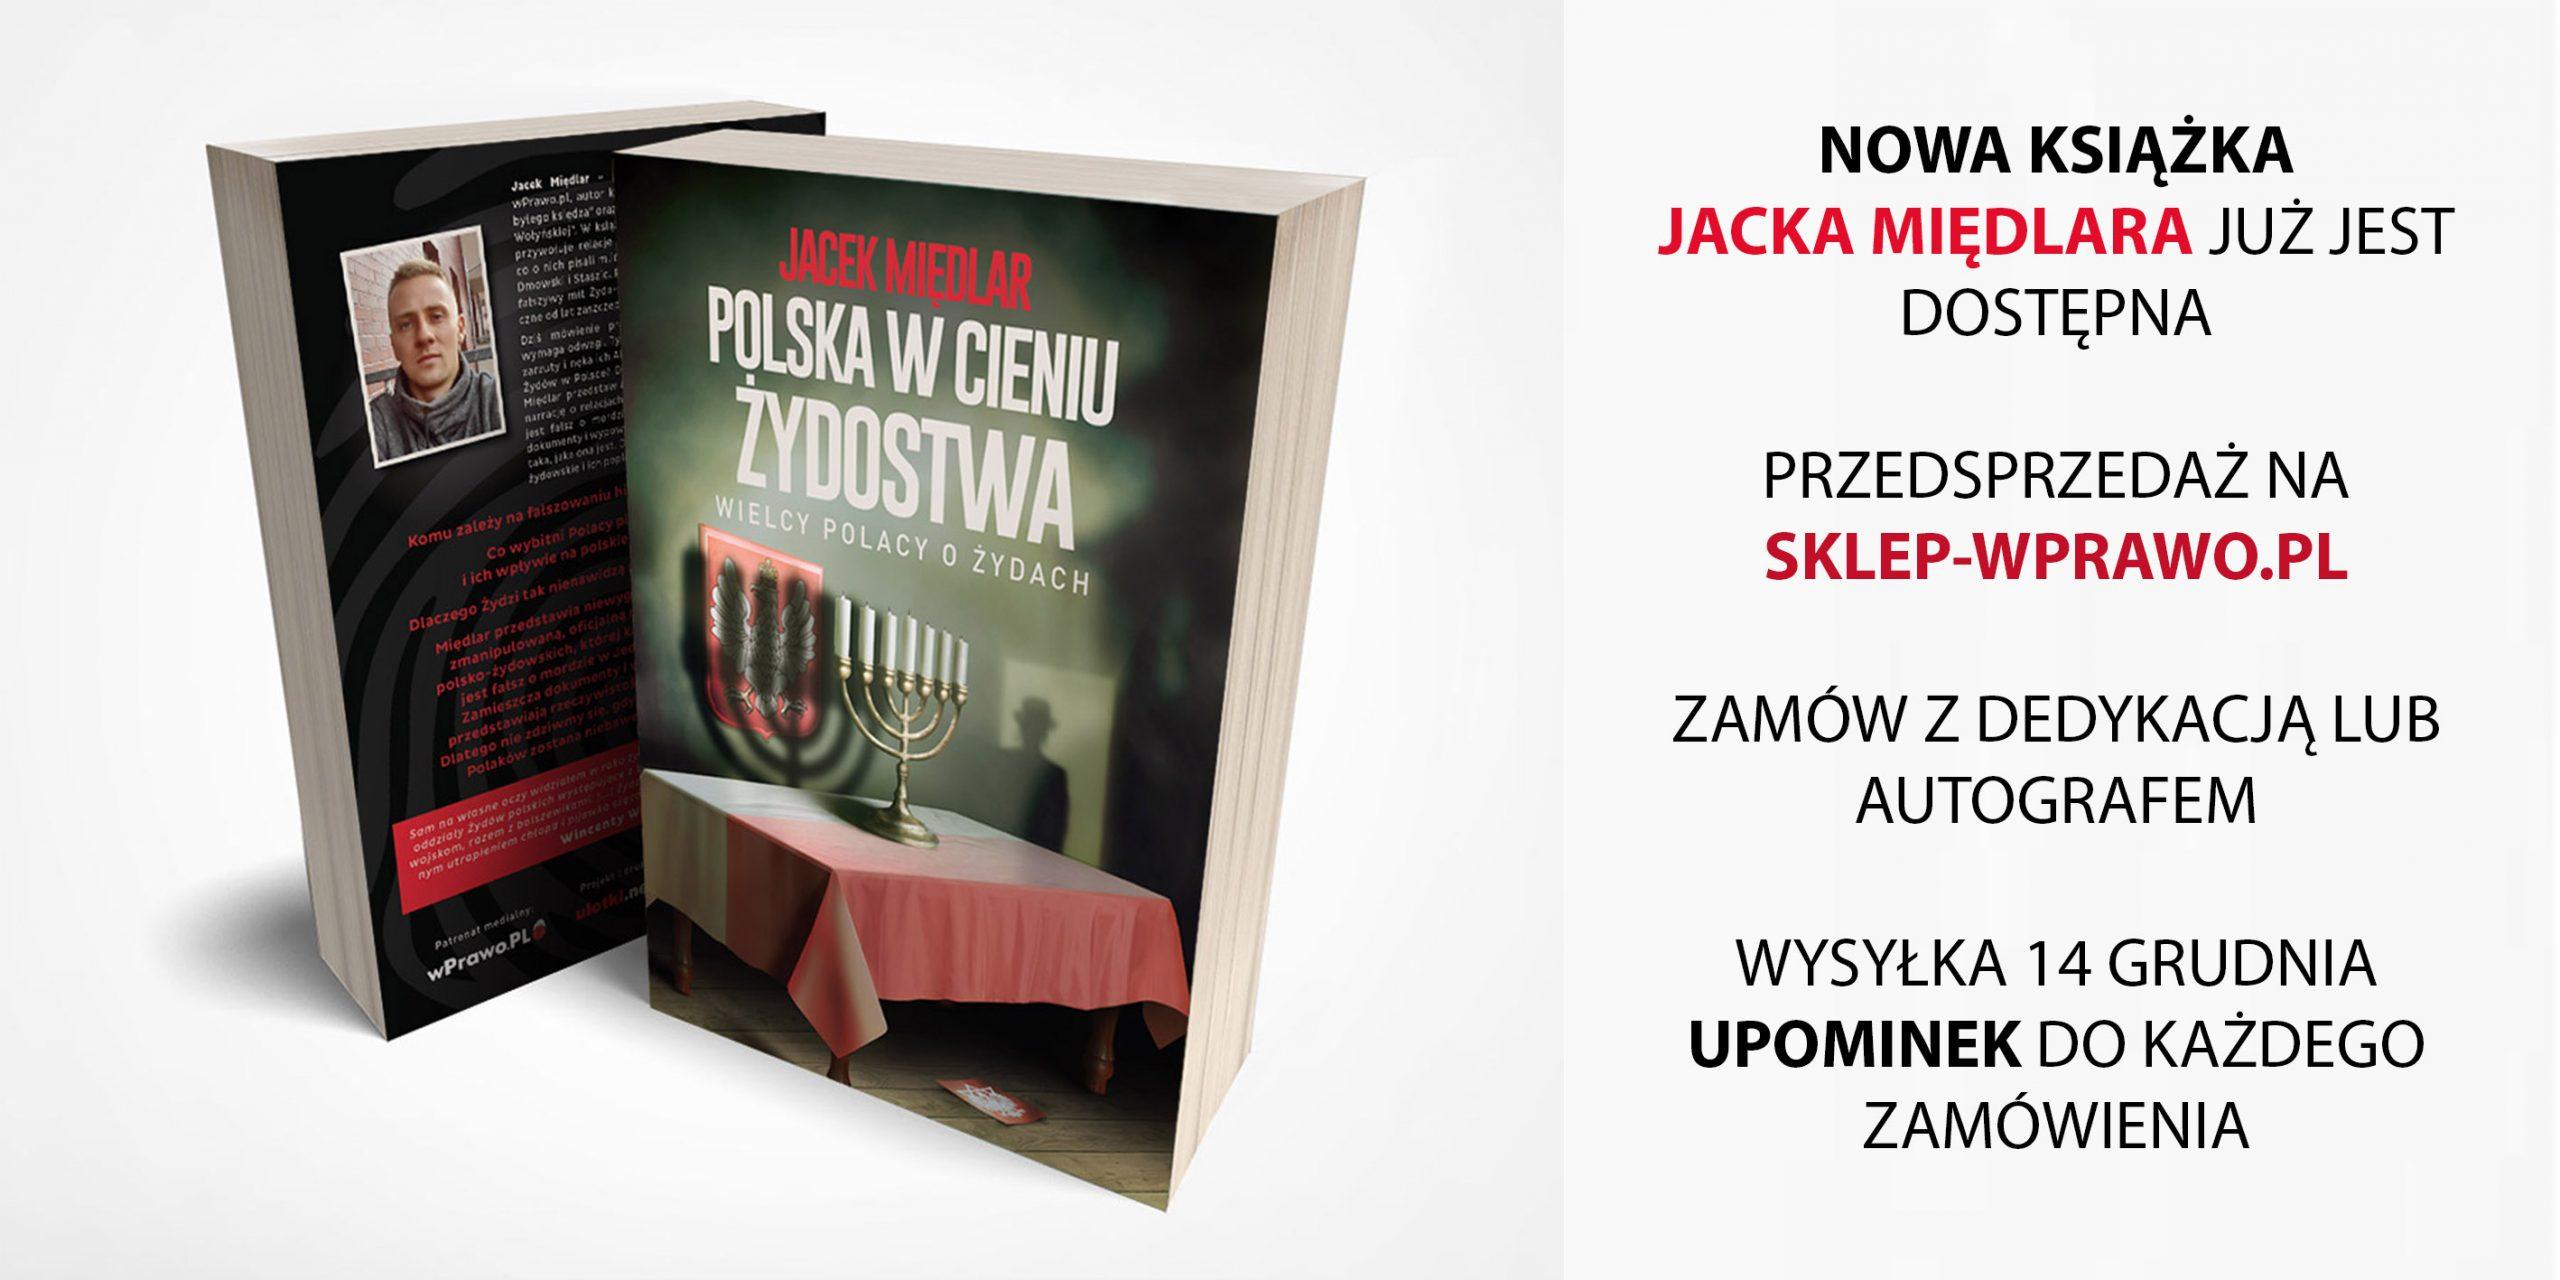 SKLEP-WPRAWO.PL